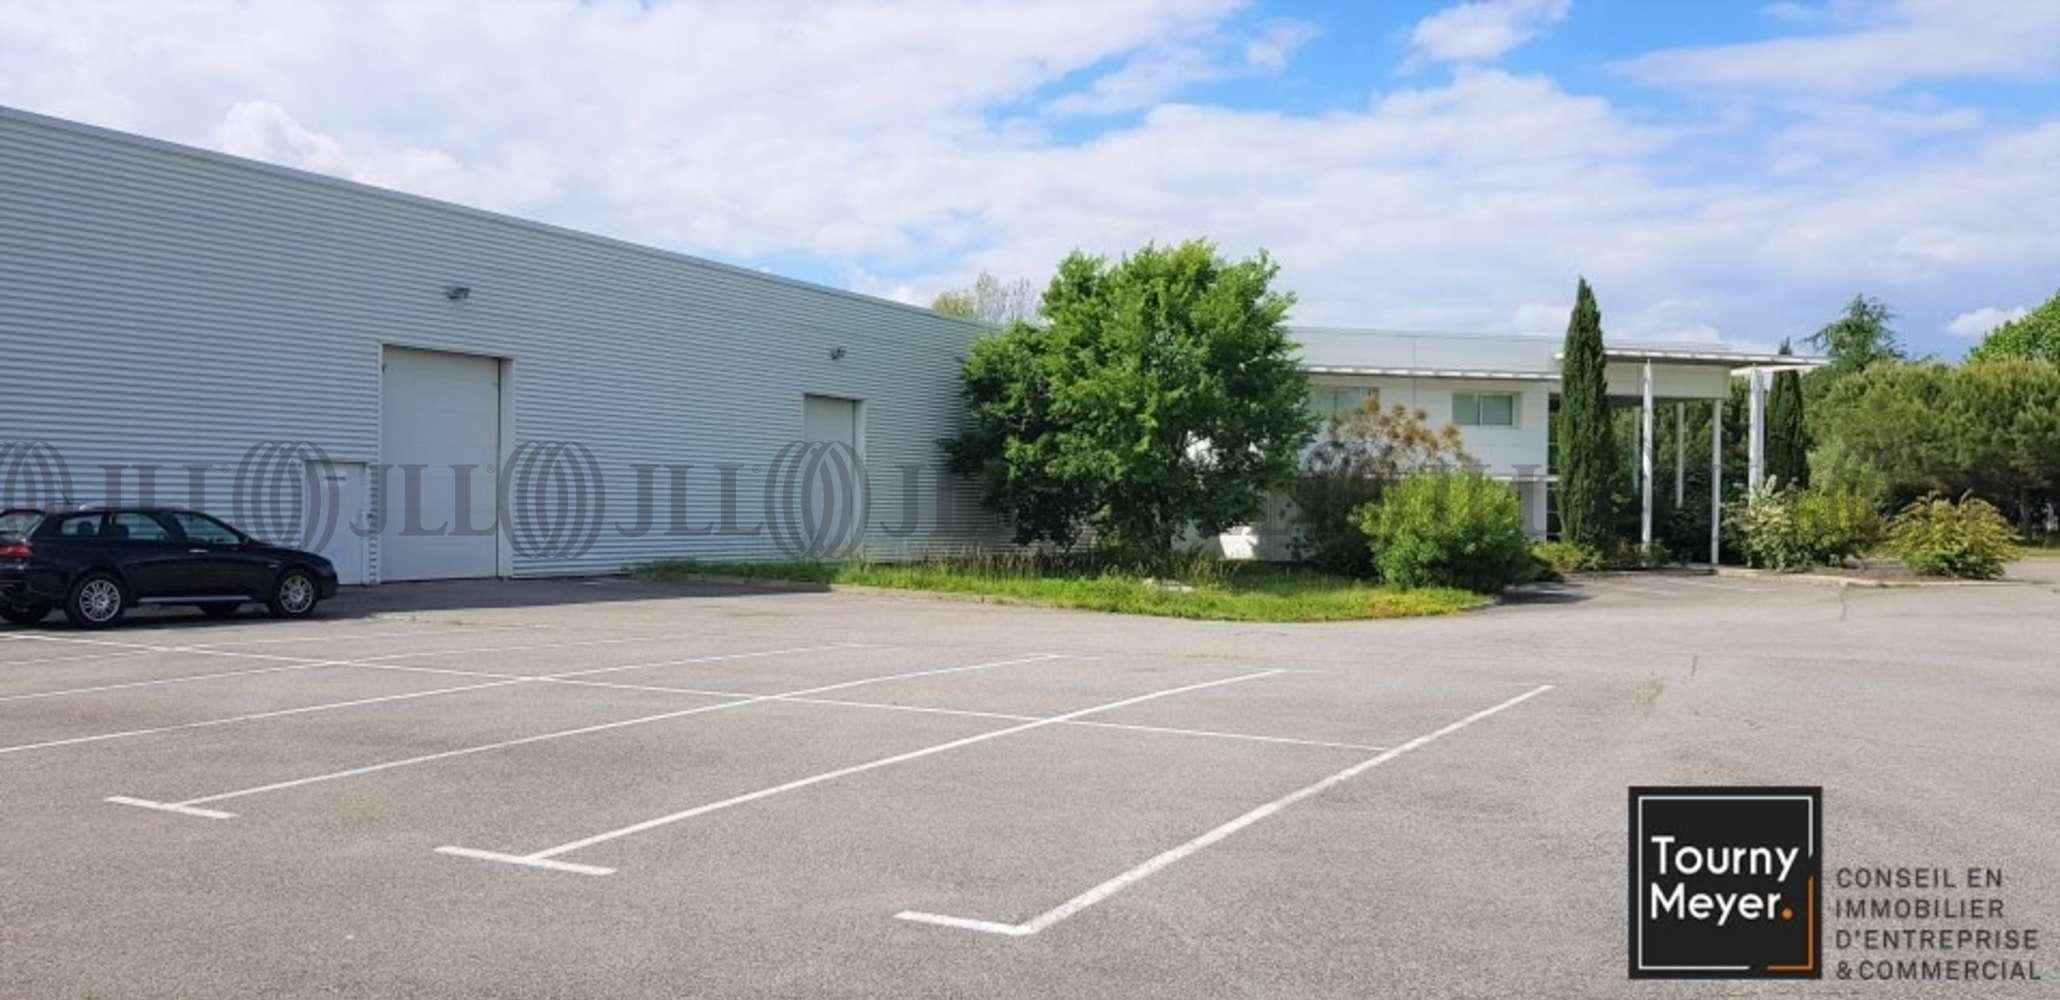 Activités/entrepôt Toulouse, 31200 - 23 RUE PAULE RAYMONDIS - 10765337